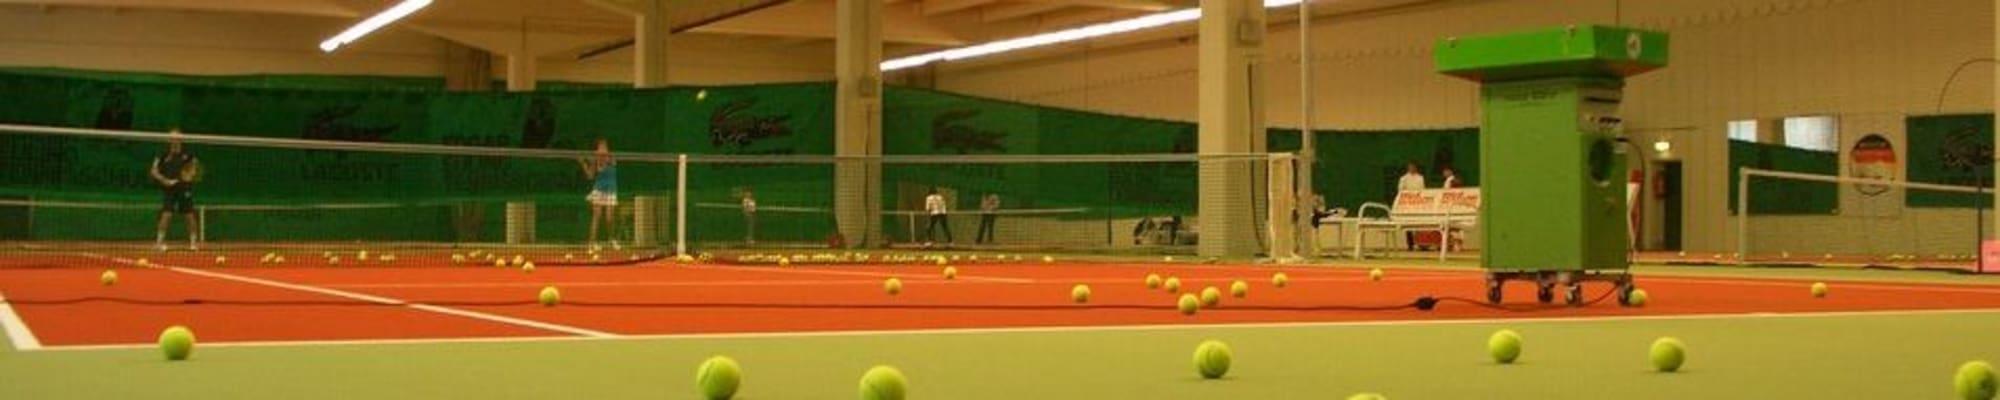 Indoor Tennishalle mit Tennisspieler, Tenniswurfmaschine und vielen Tennisbällen